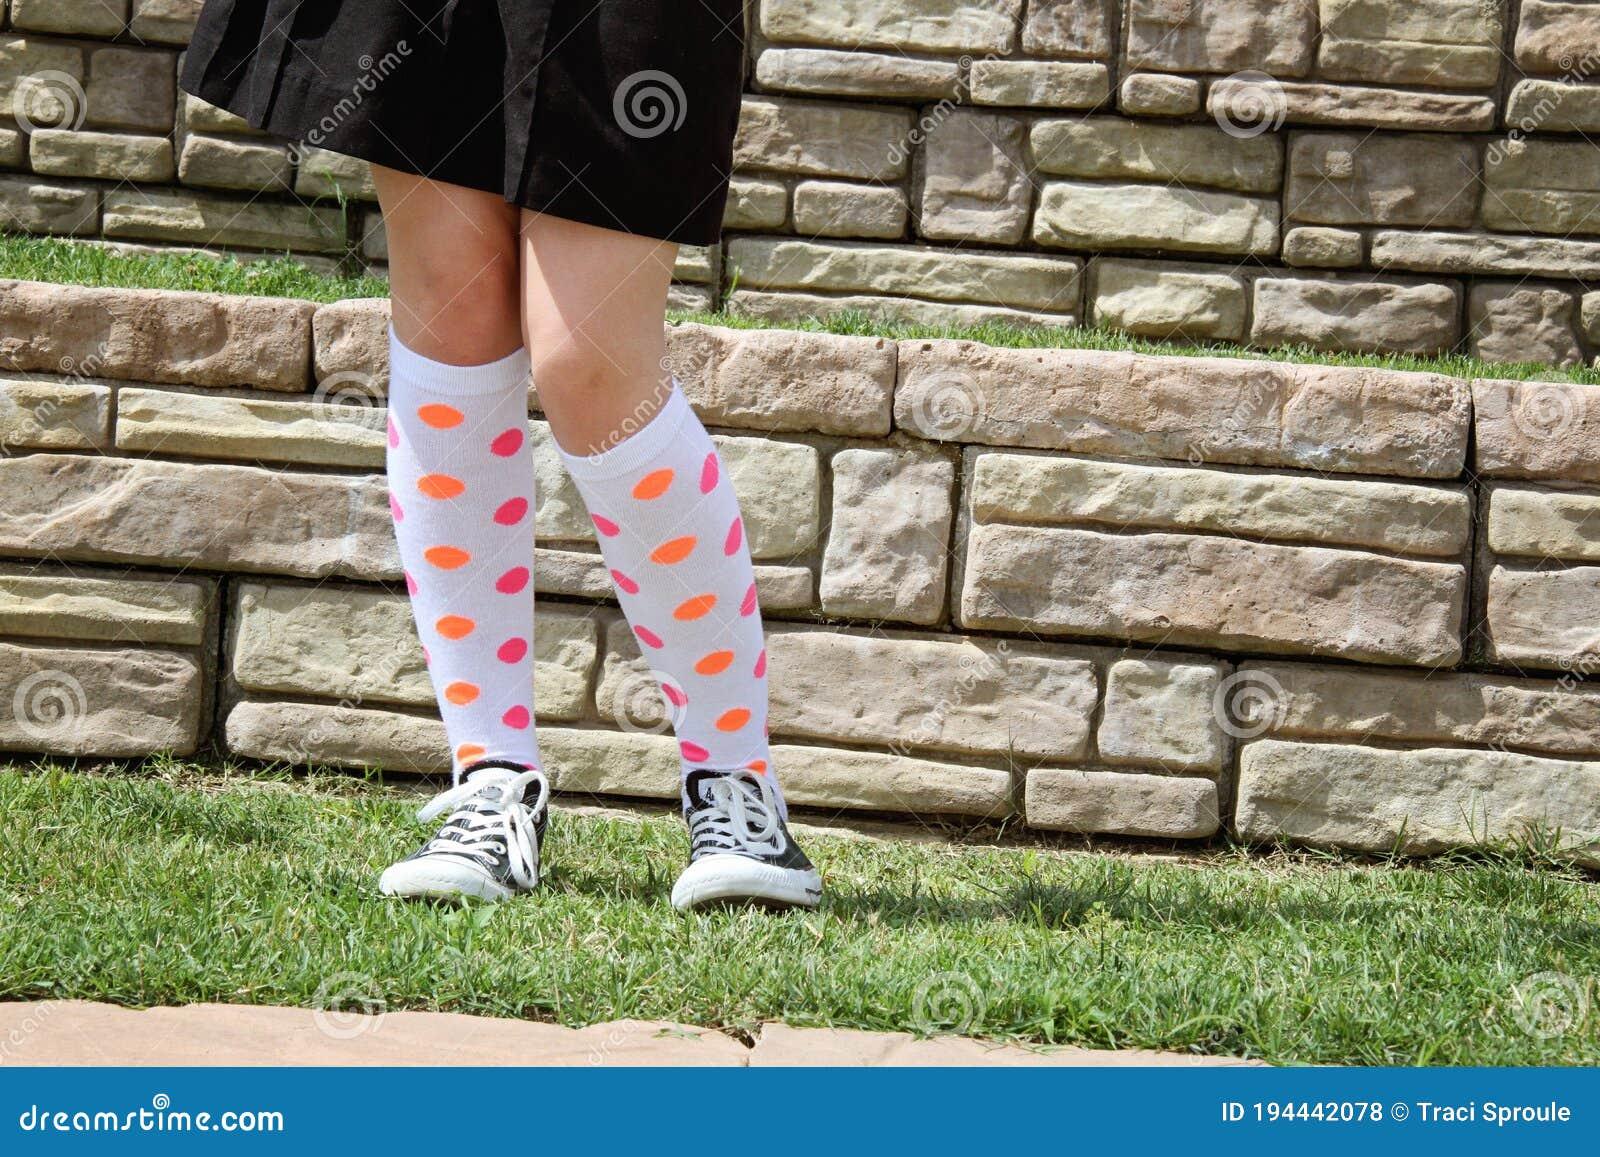 Pics teen socks Justin Bieber's